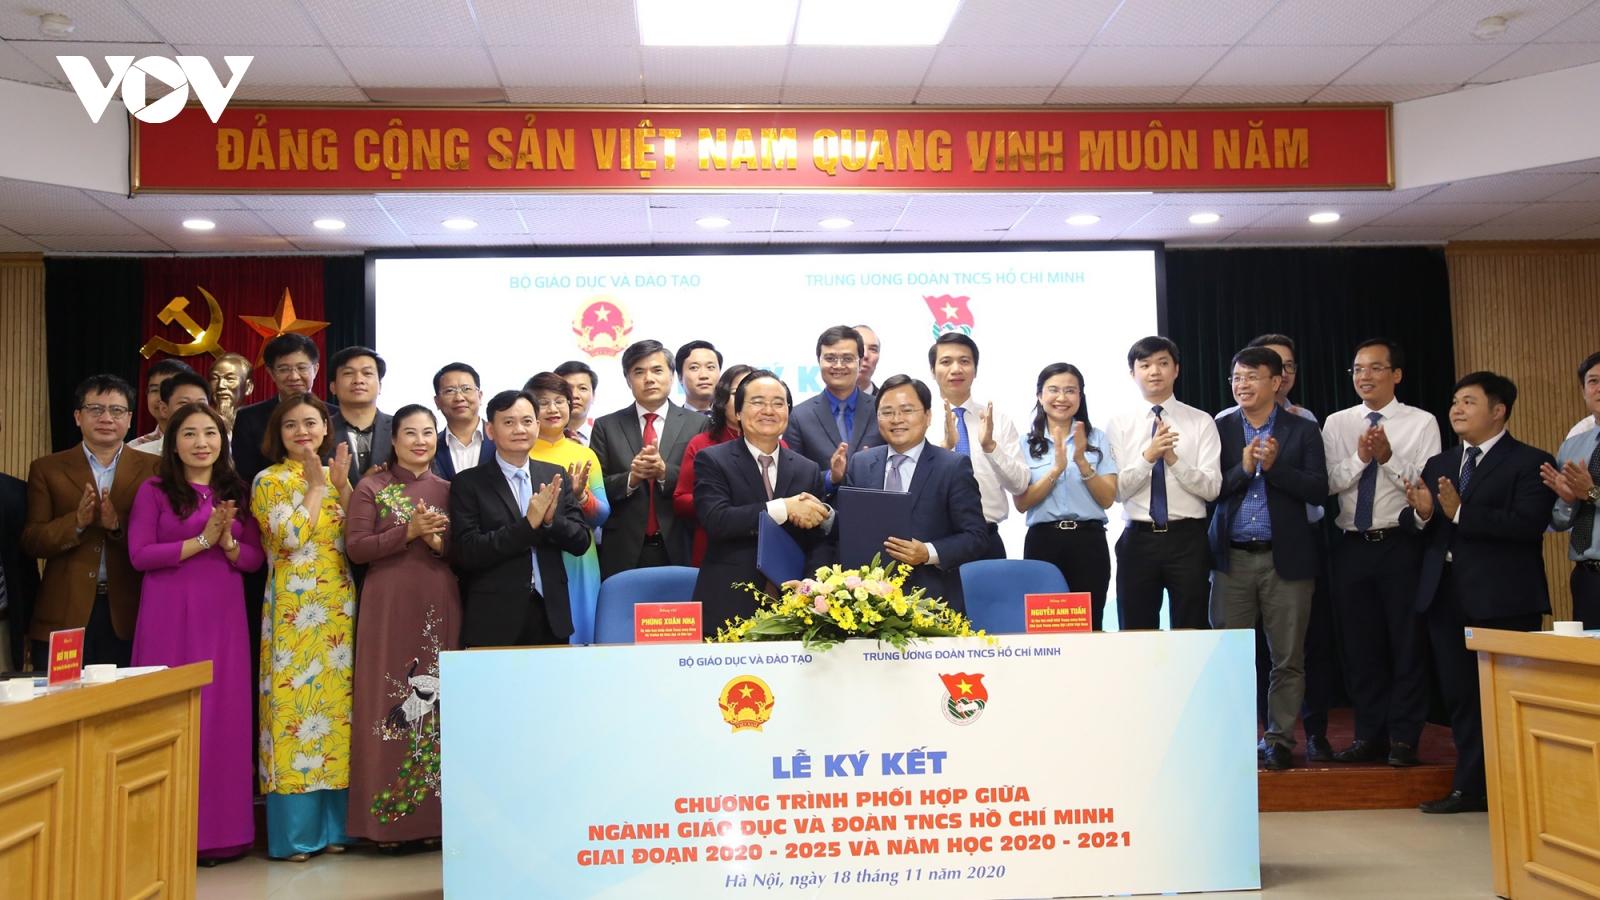 Ký kết chương trình phối hợp giữa ngành Giáo dục và Đoàn TNCS Hồ Chí Minh